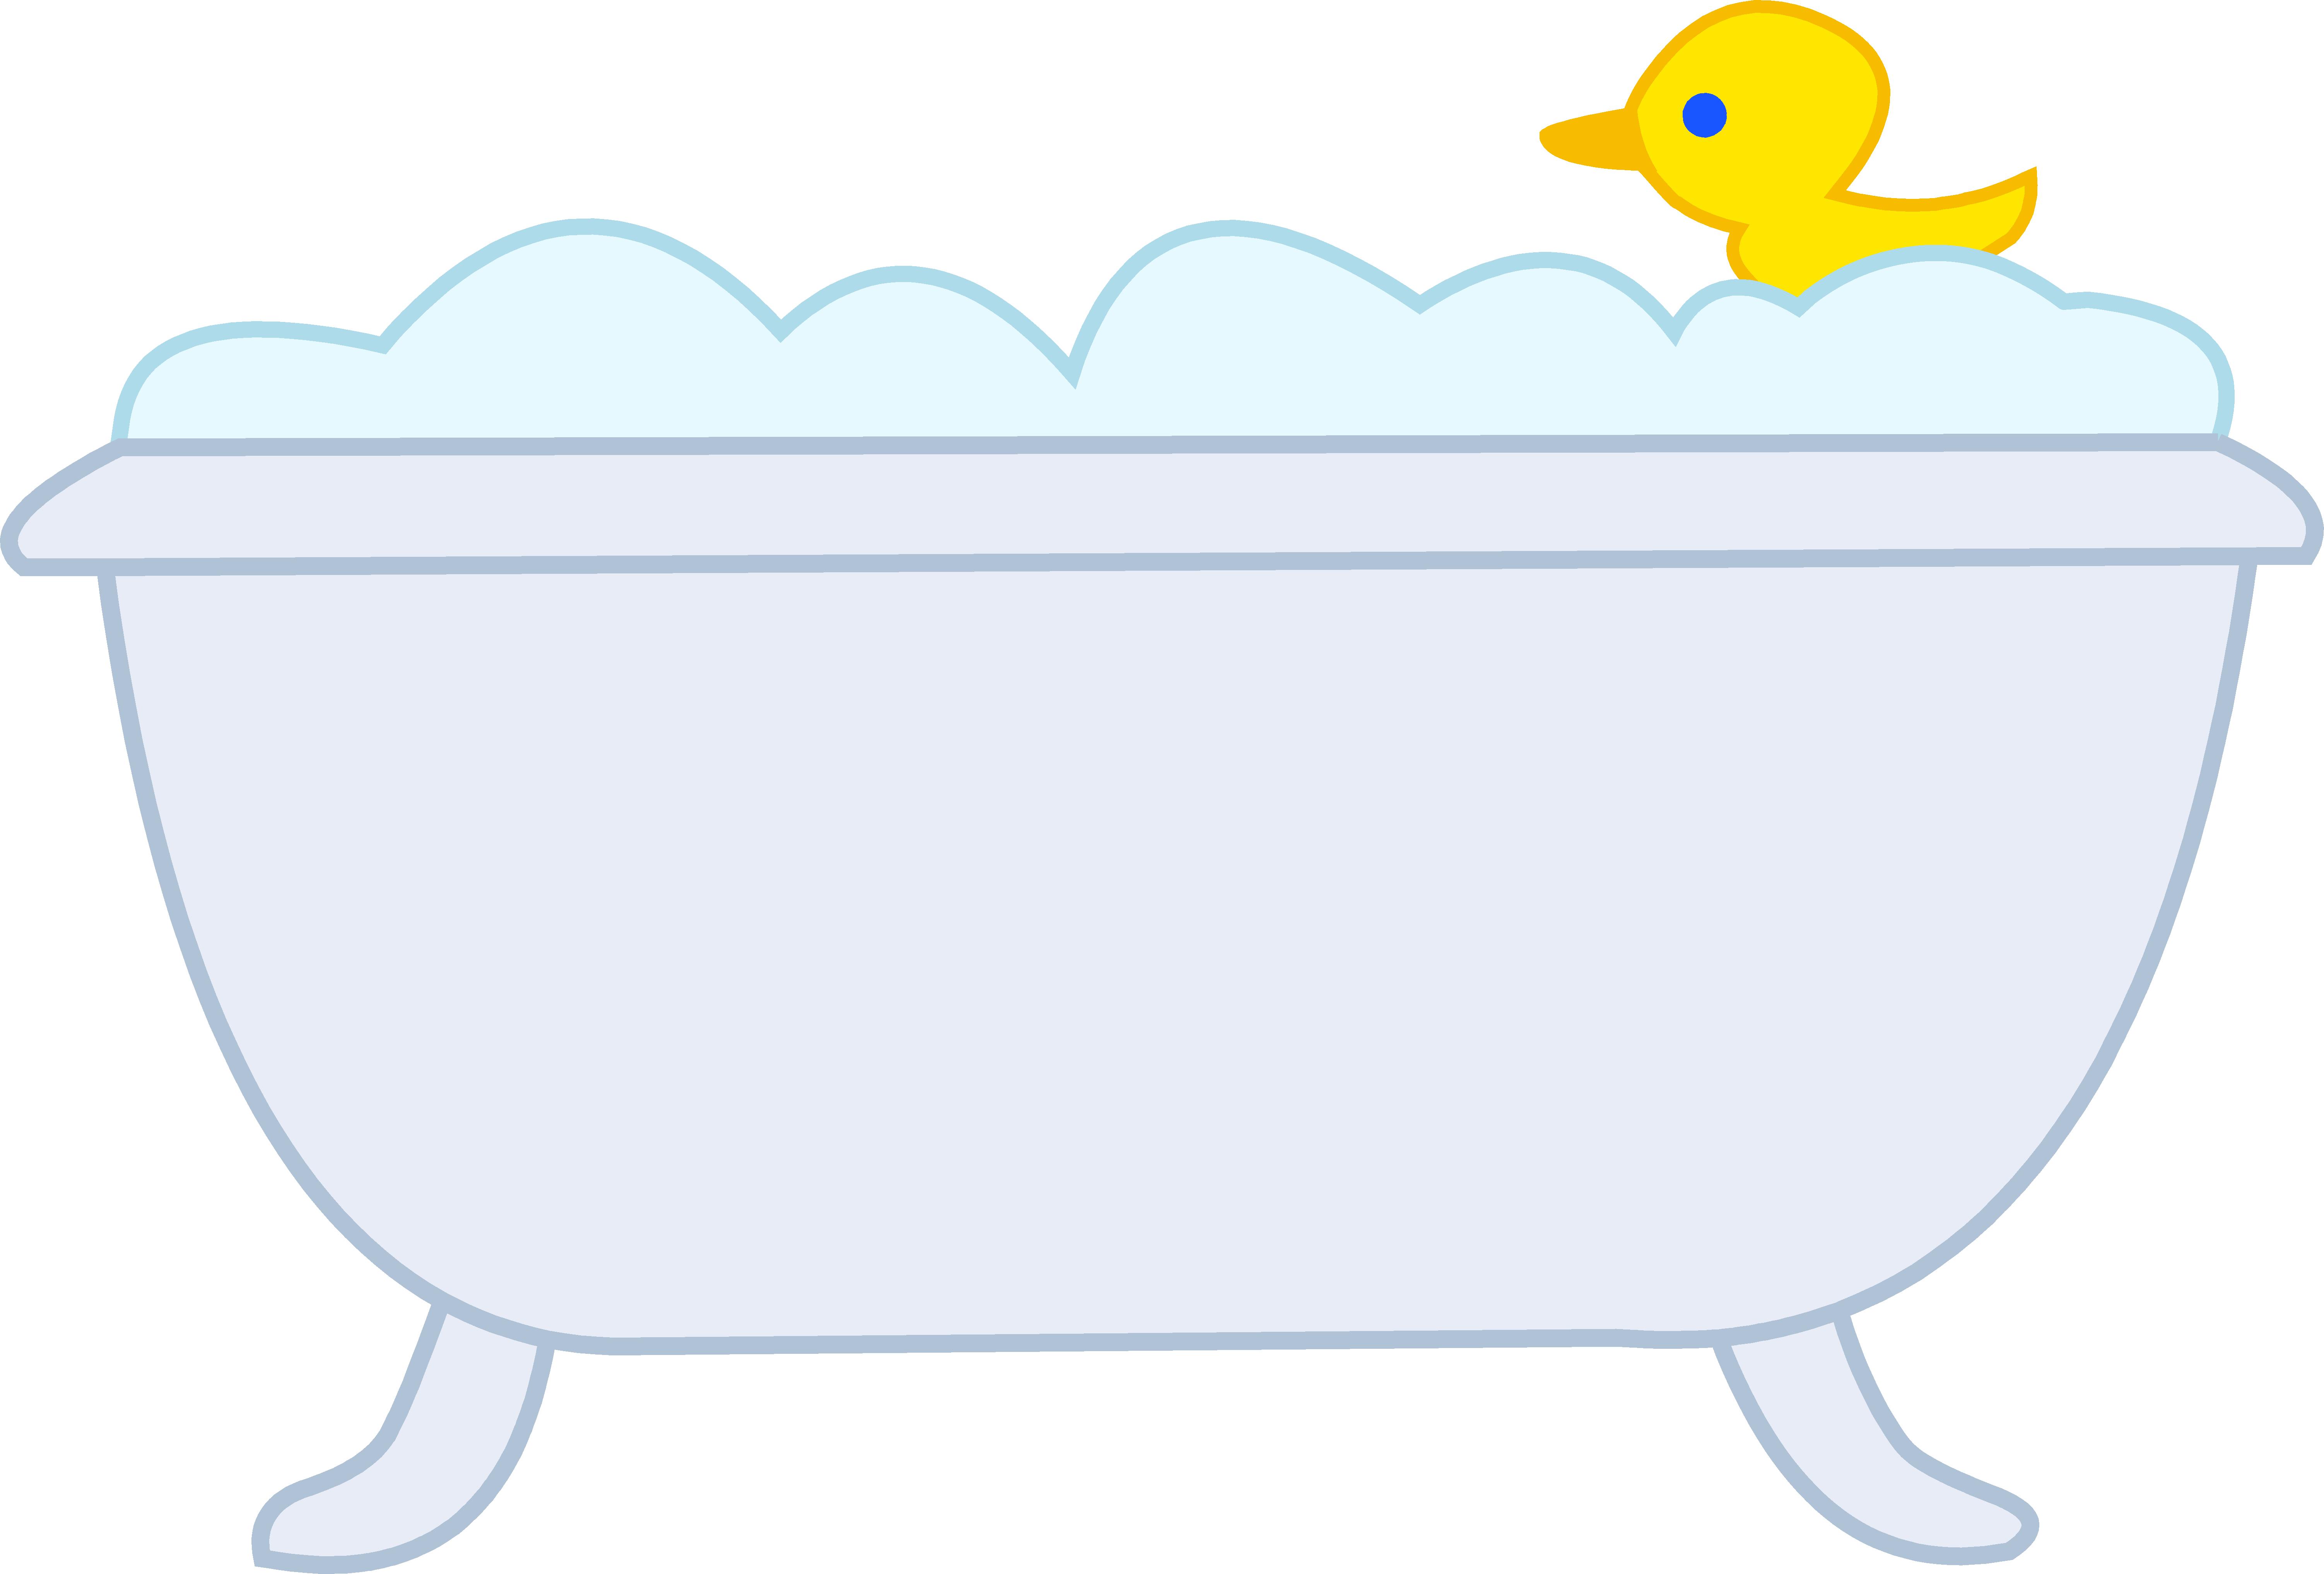 Bath Tub Rubber Ducky Png 6008 4068 Decoracao De Casamento Decoracao Casamento